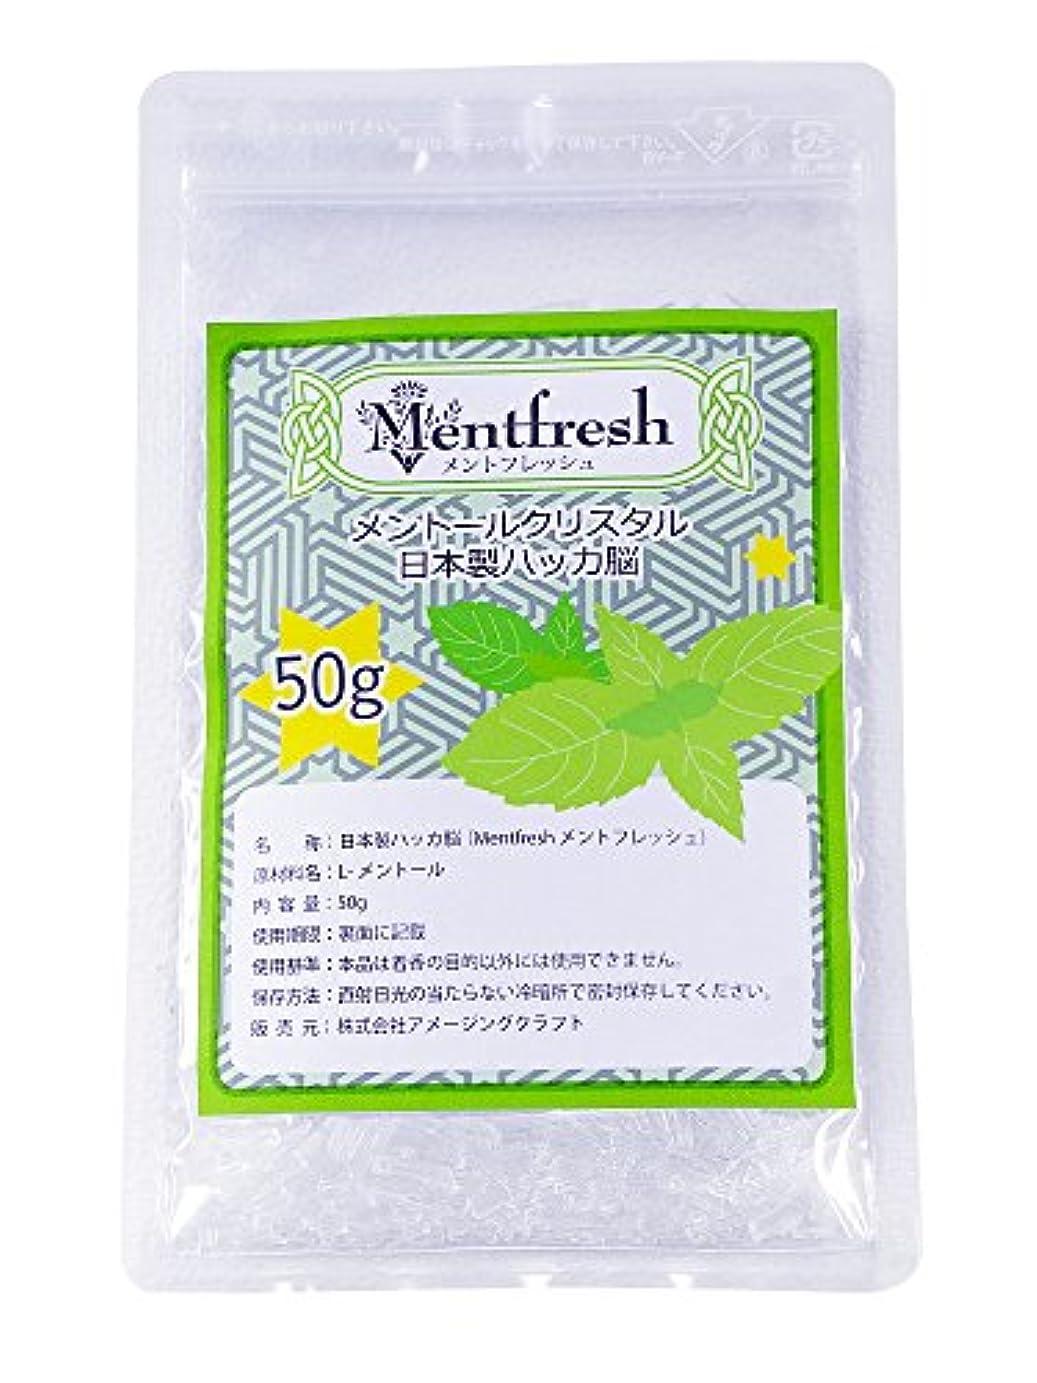 バースト既婚助手日本製 ハッカ結晶 メントフレッシュ メントールクリスタル (50g)